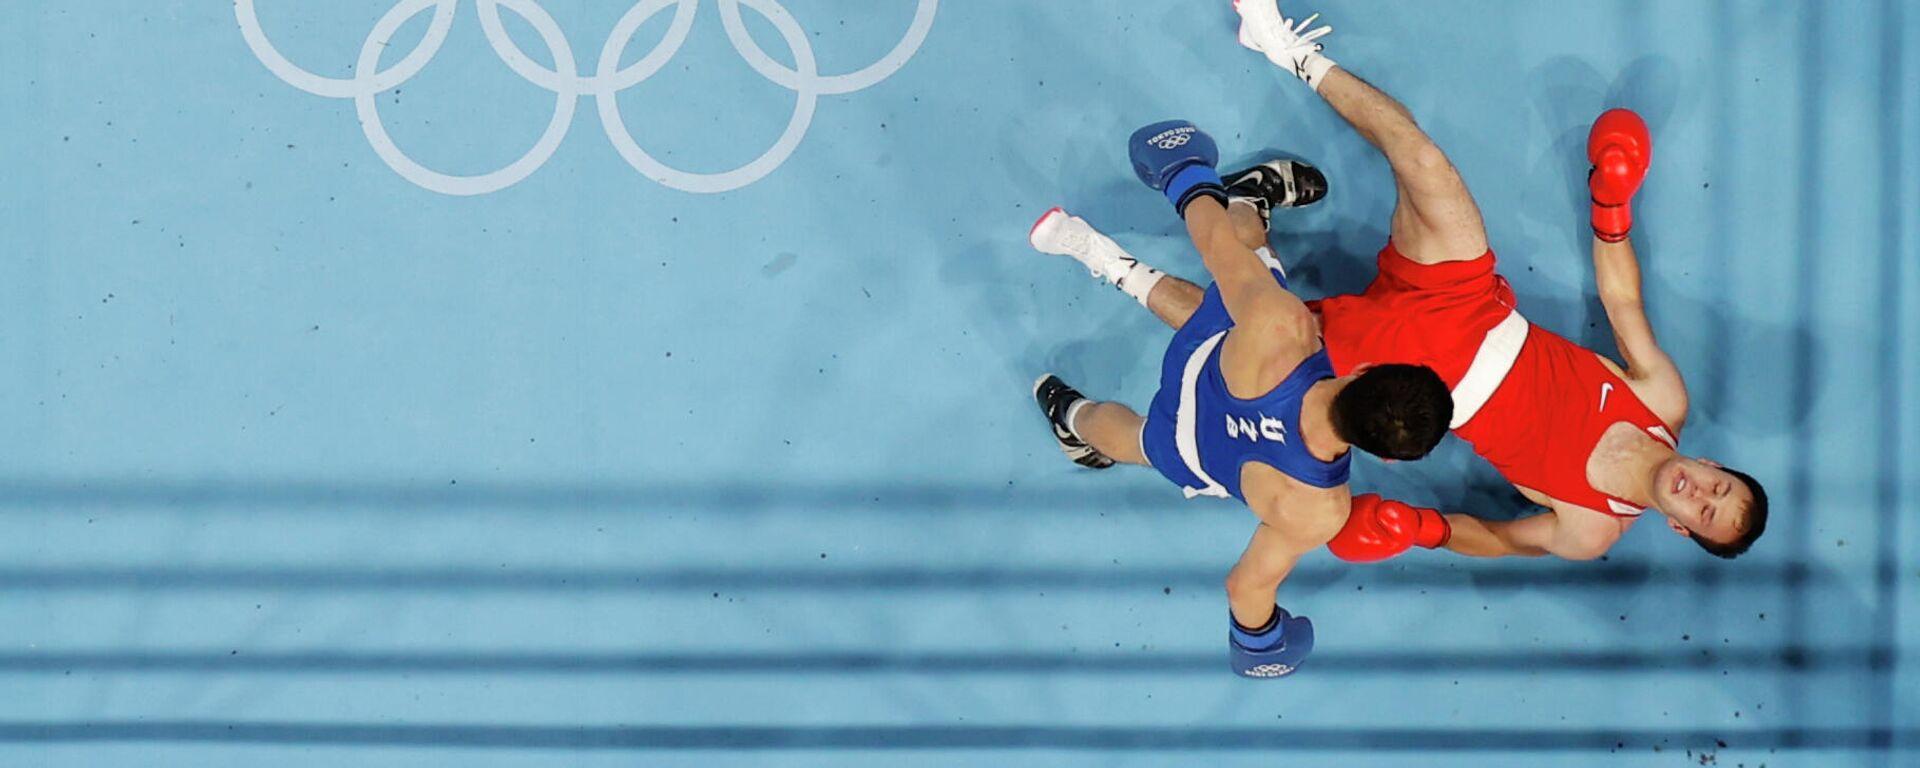 Таджикский спортсмен Баходур Усмонов на Олимпиаде в Токио - Sputnik Таджикистан, 1920, 31.07.2021